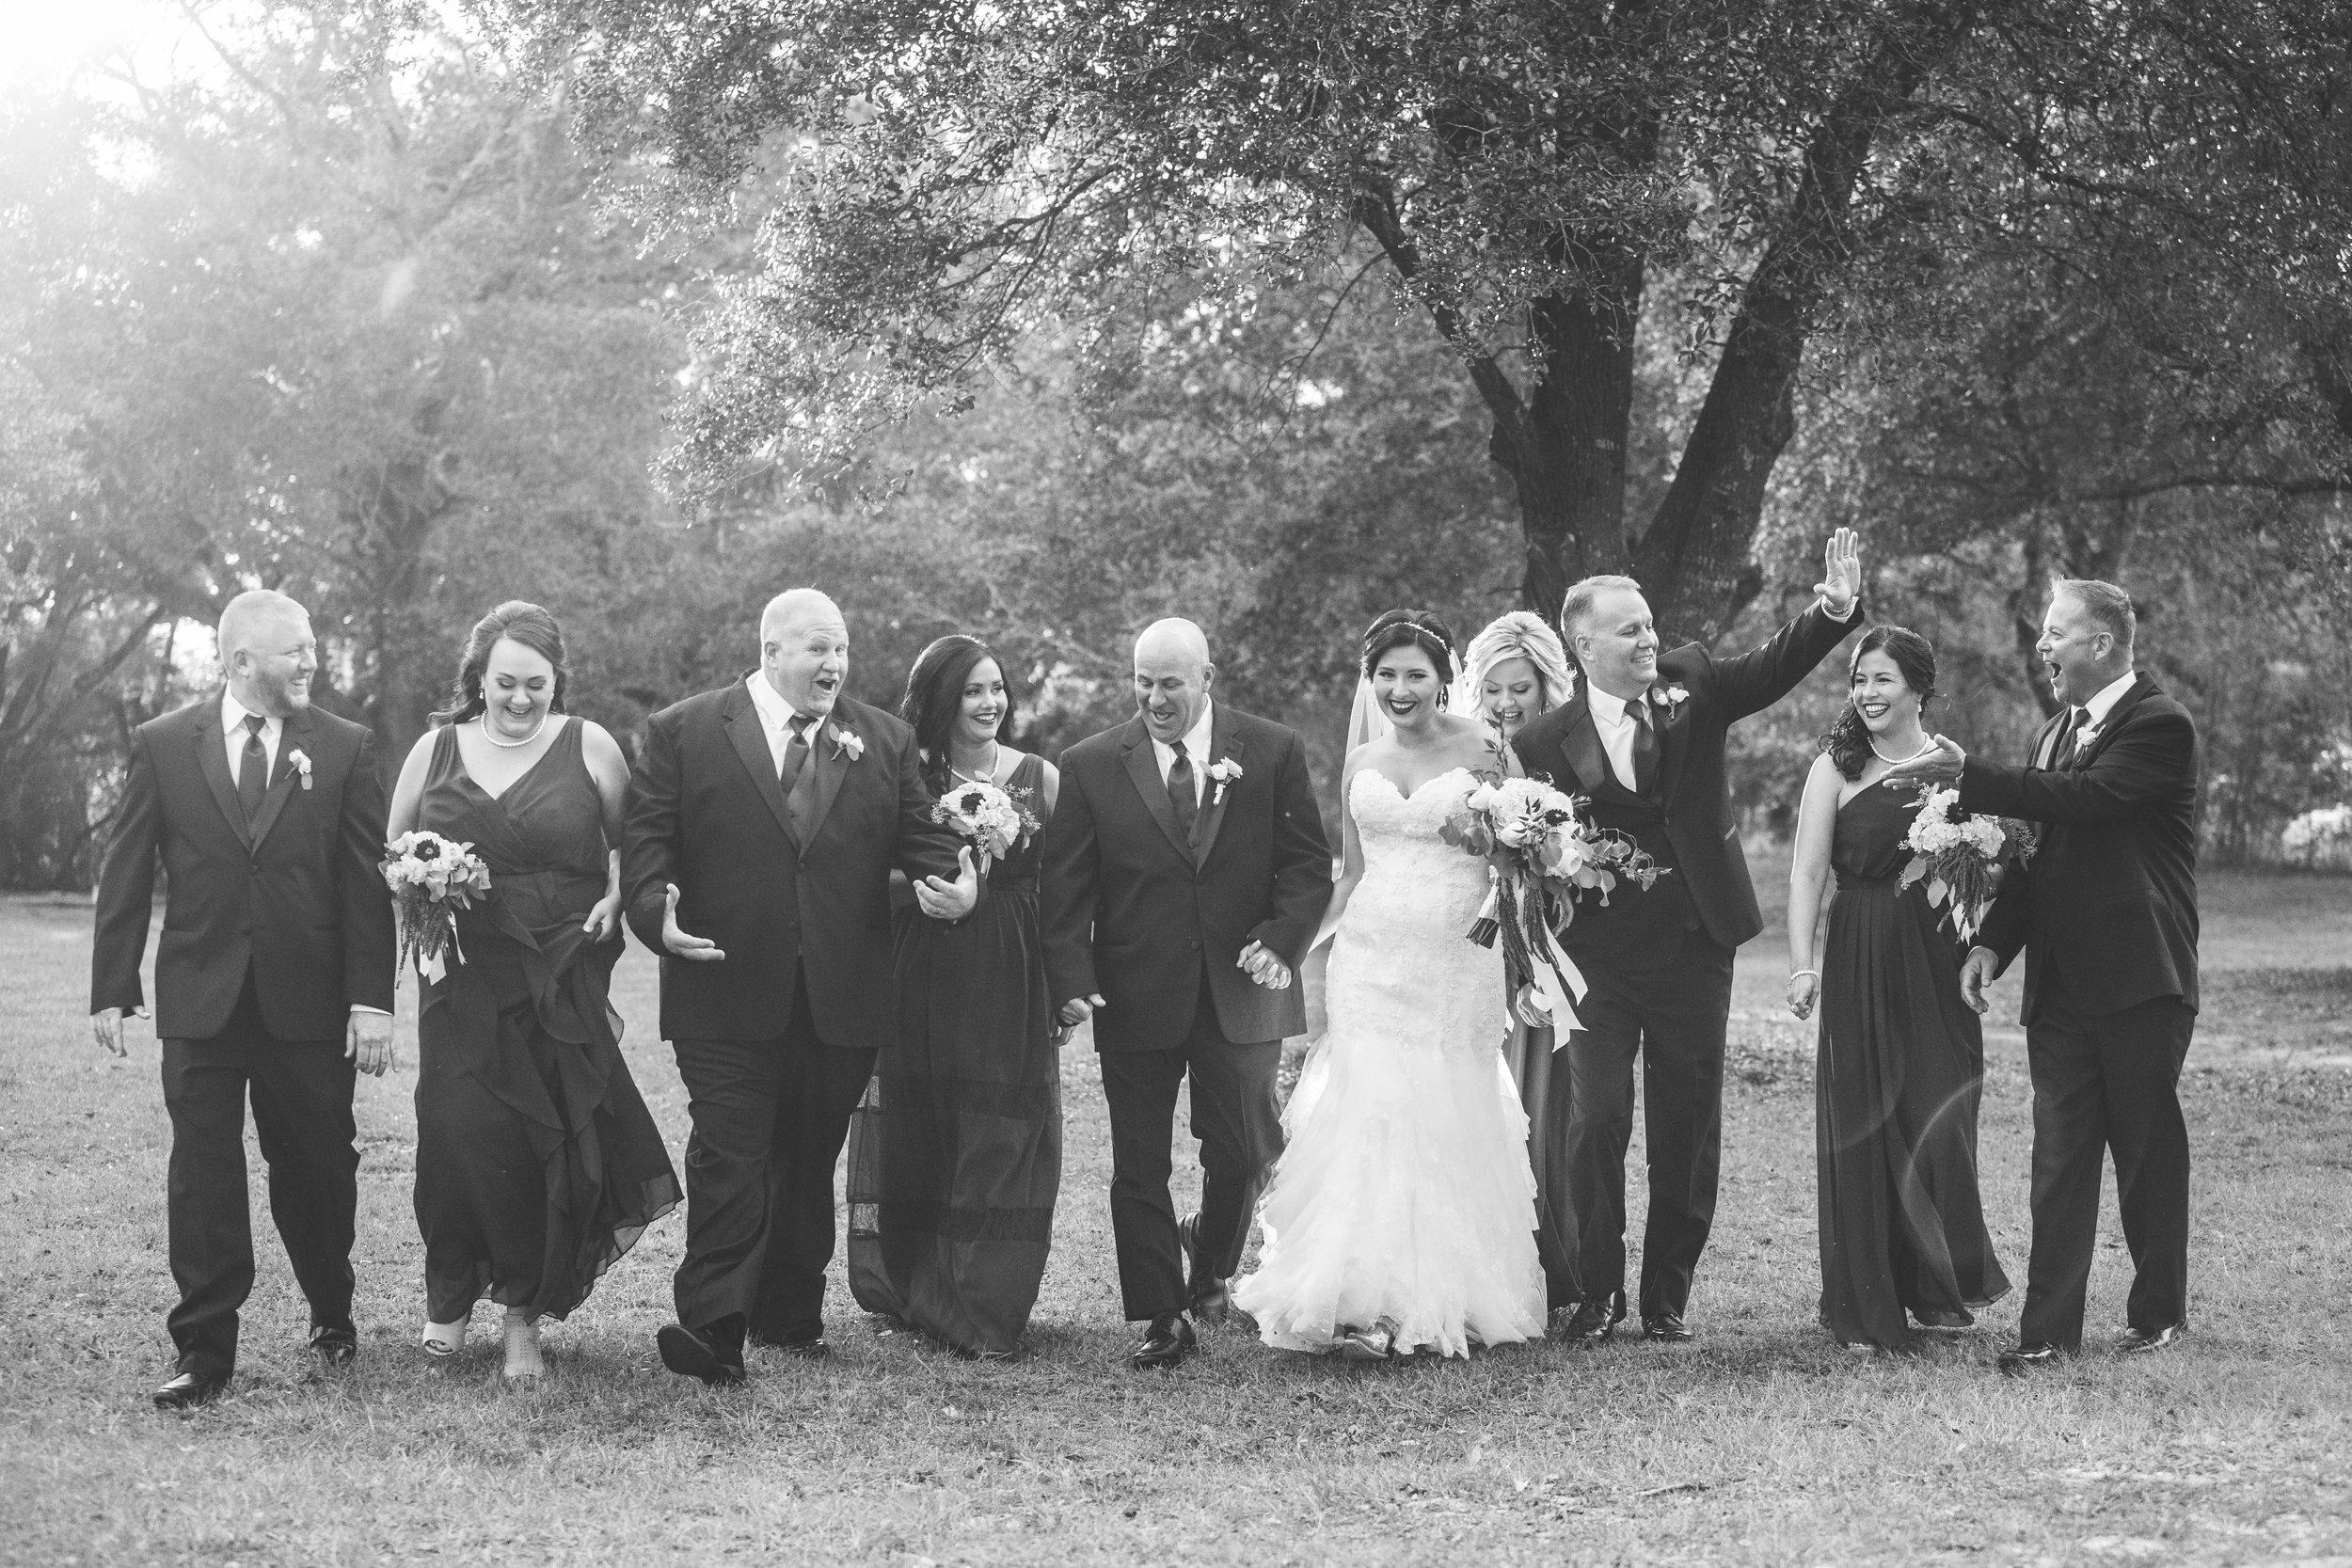 Barn-Wedding-Ates-Ranch-Wedding-Photo-Photography-Video-Videography-Pensacola-Florida-Courtney-Clint-38.jpg